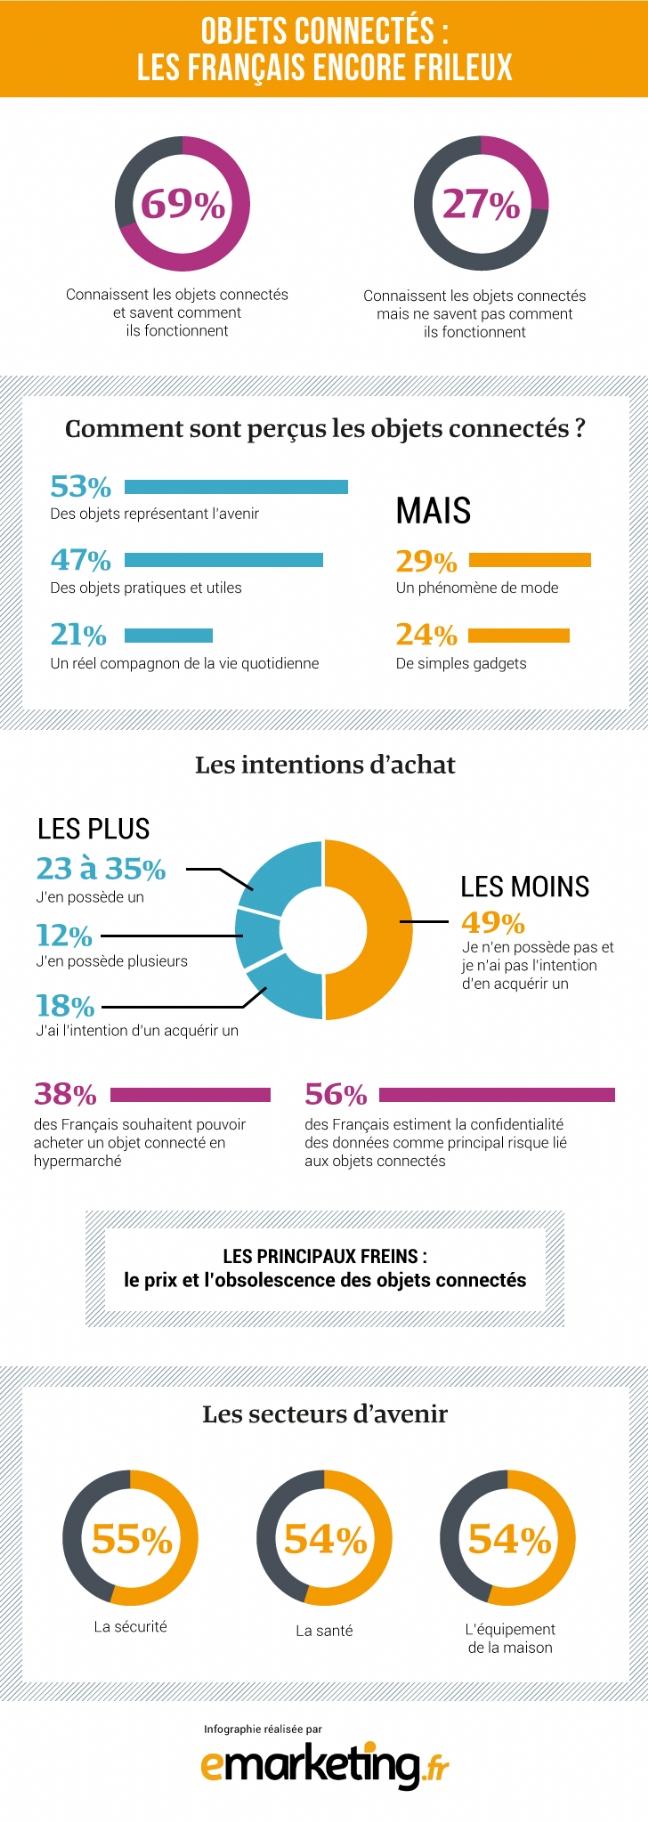 [Infographie] Objets connectés : les Français encore frileux